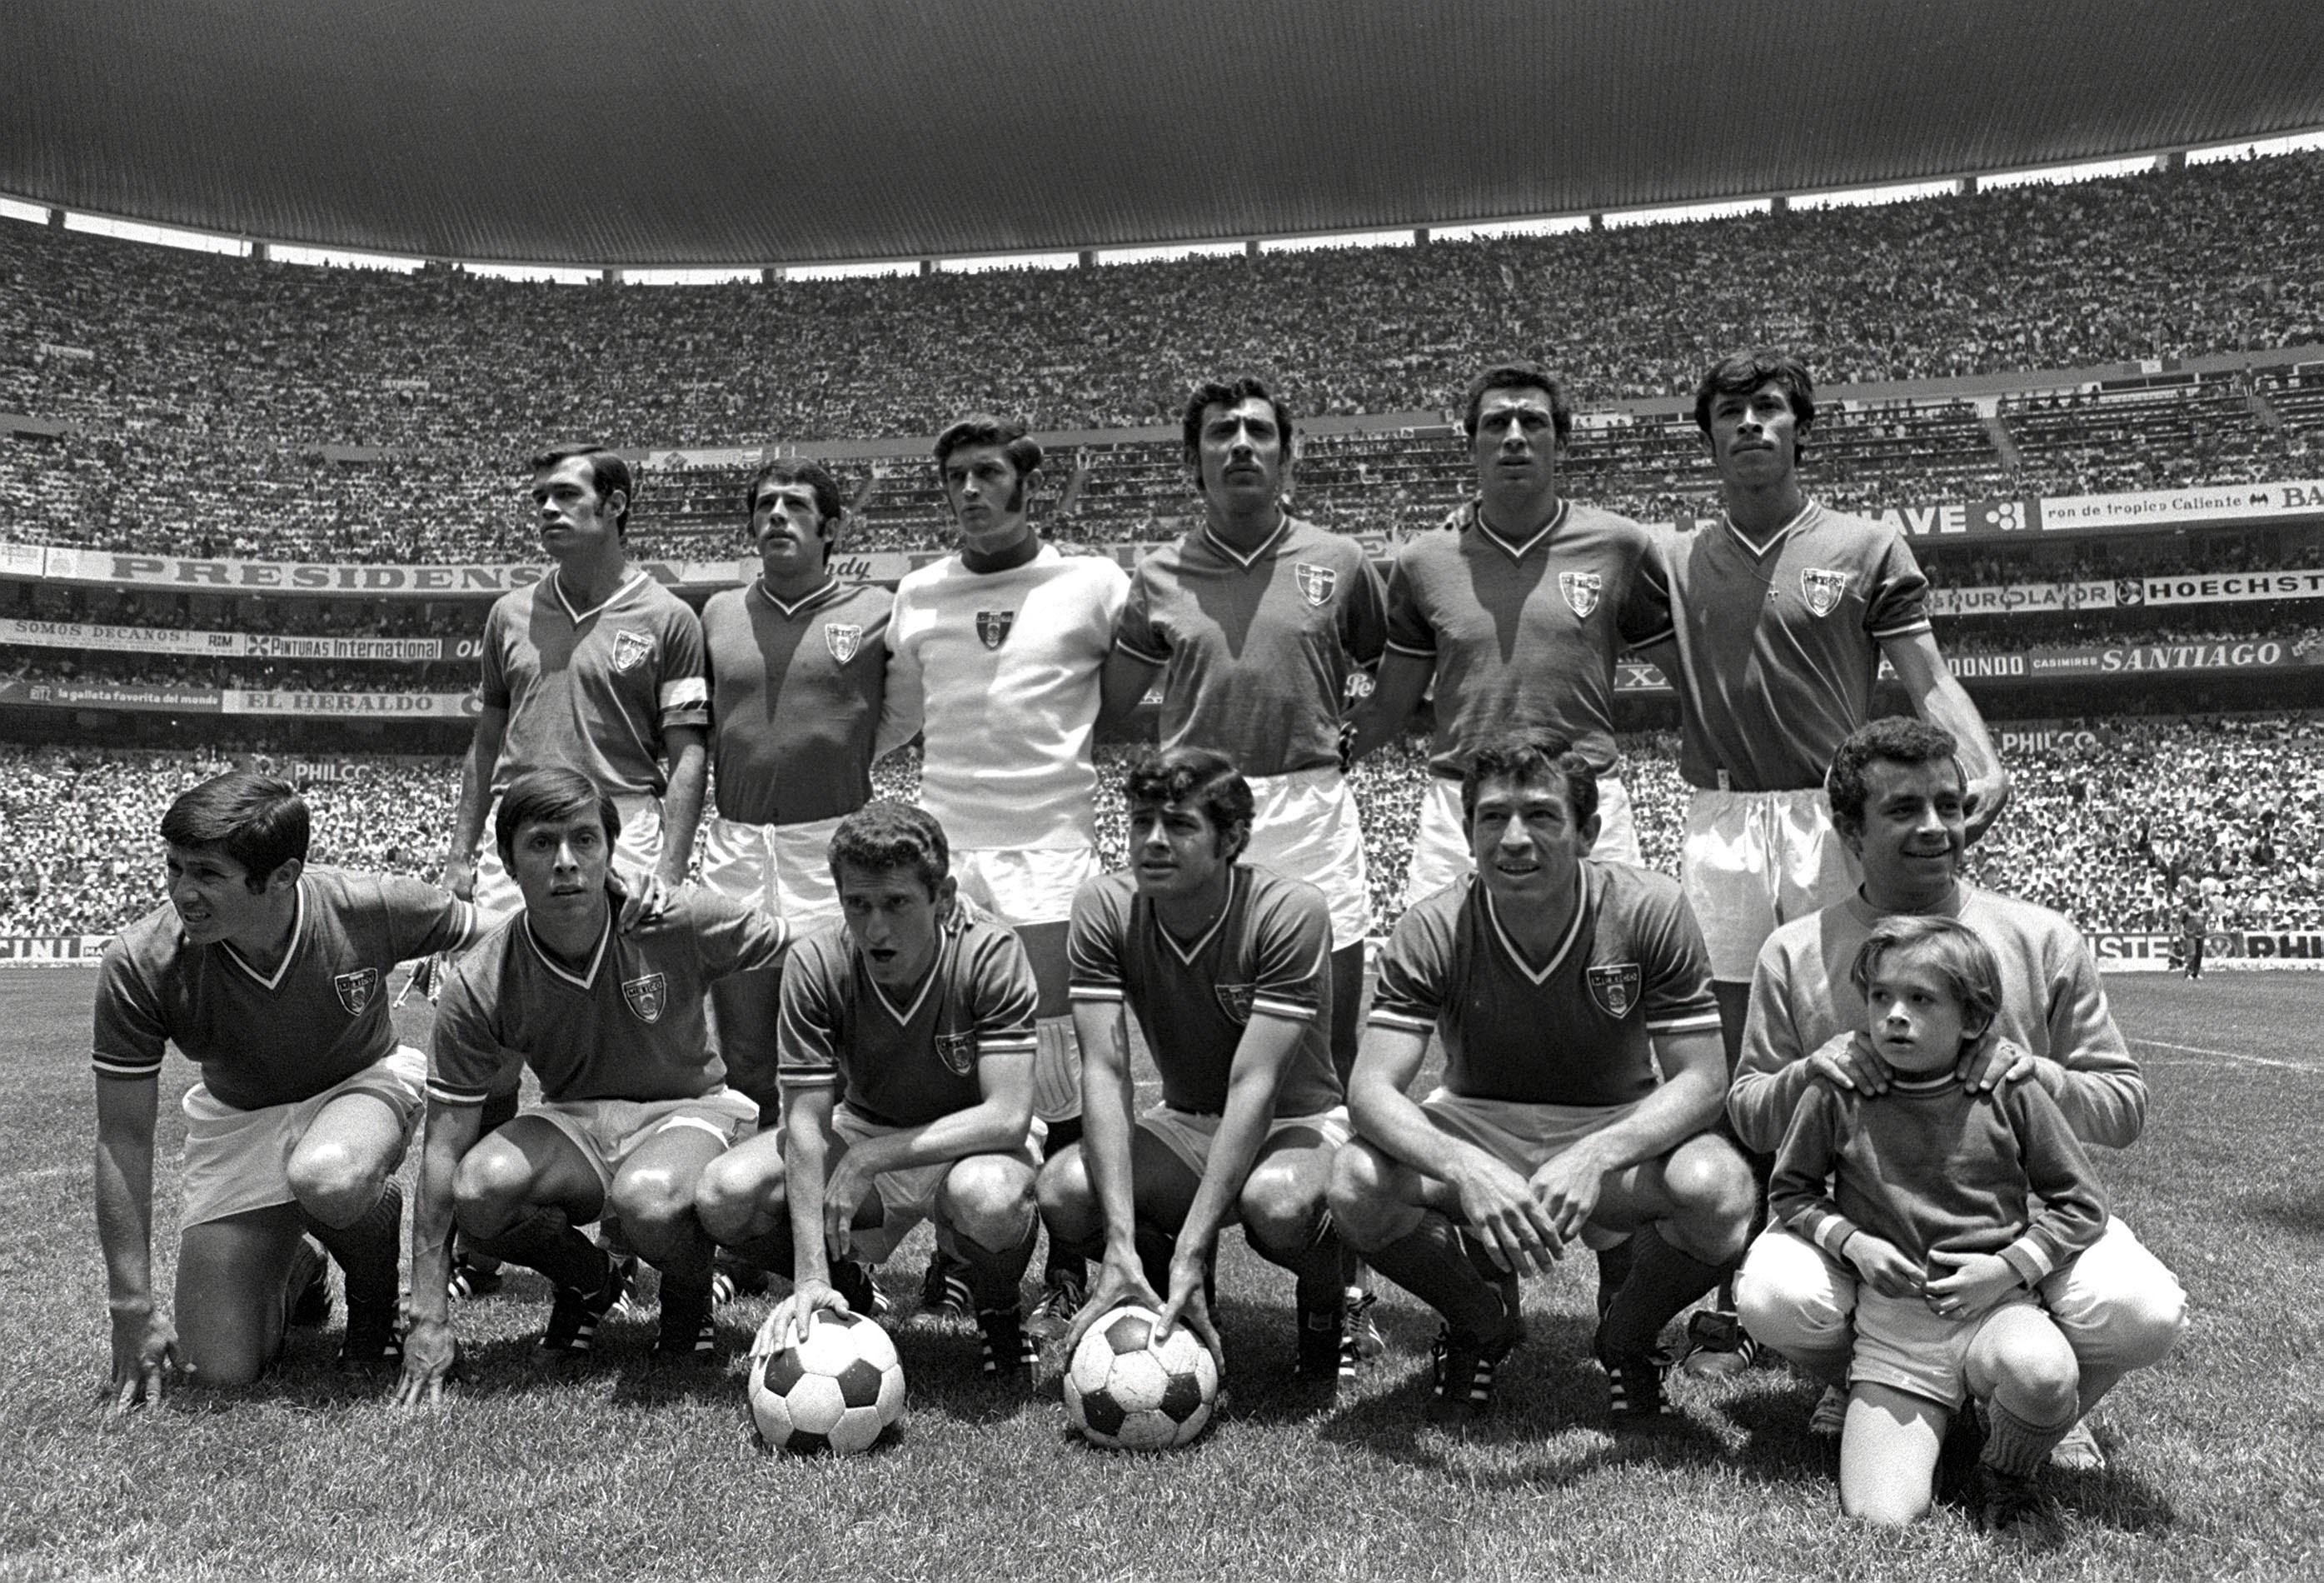 wchd-1970-messico-team